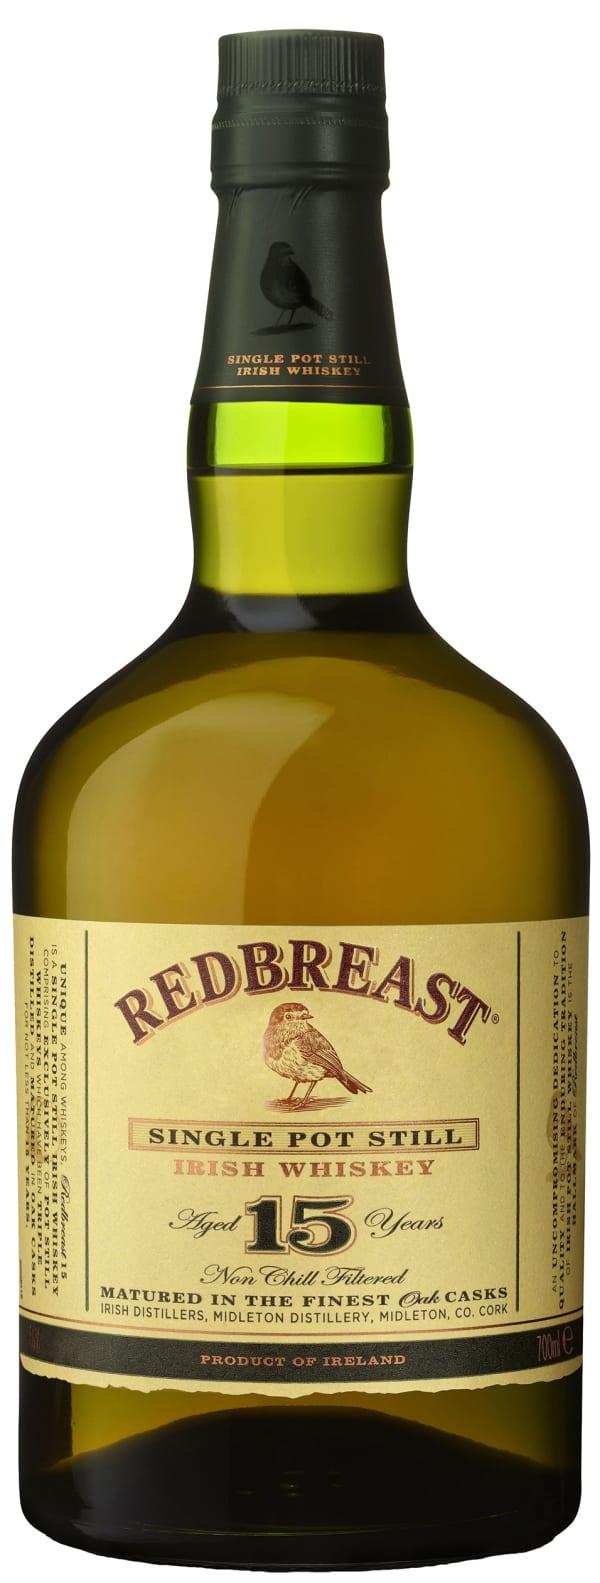 Redbreast 15 Year Old Single Pot Still